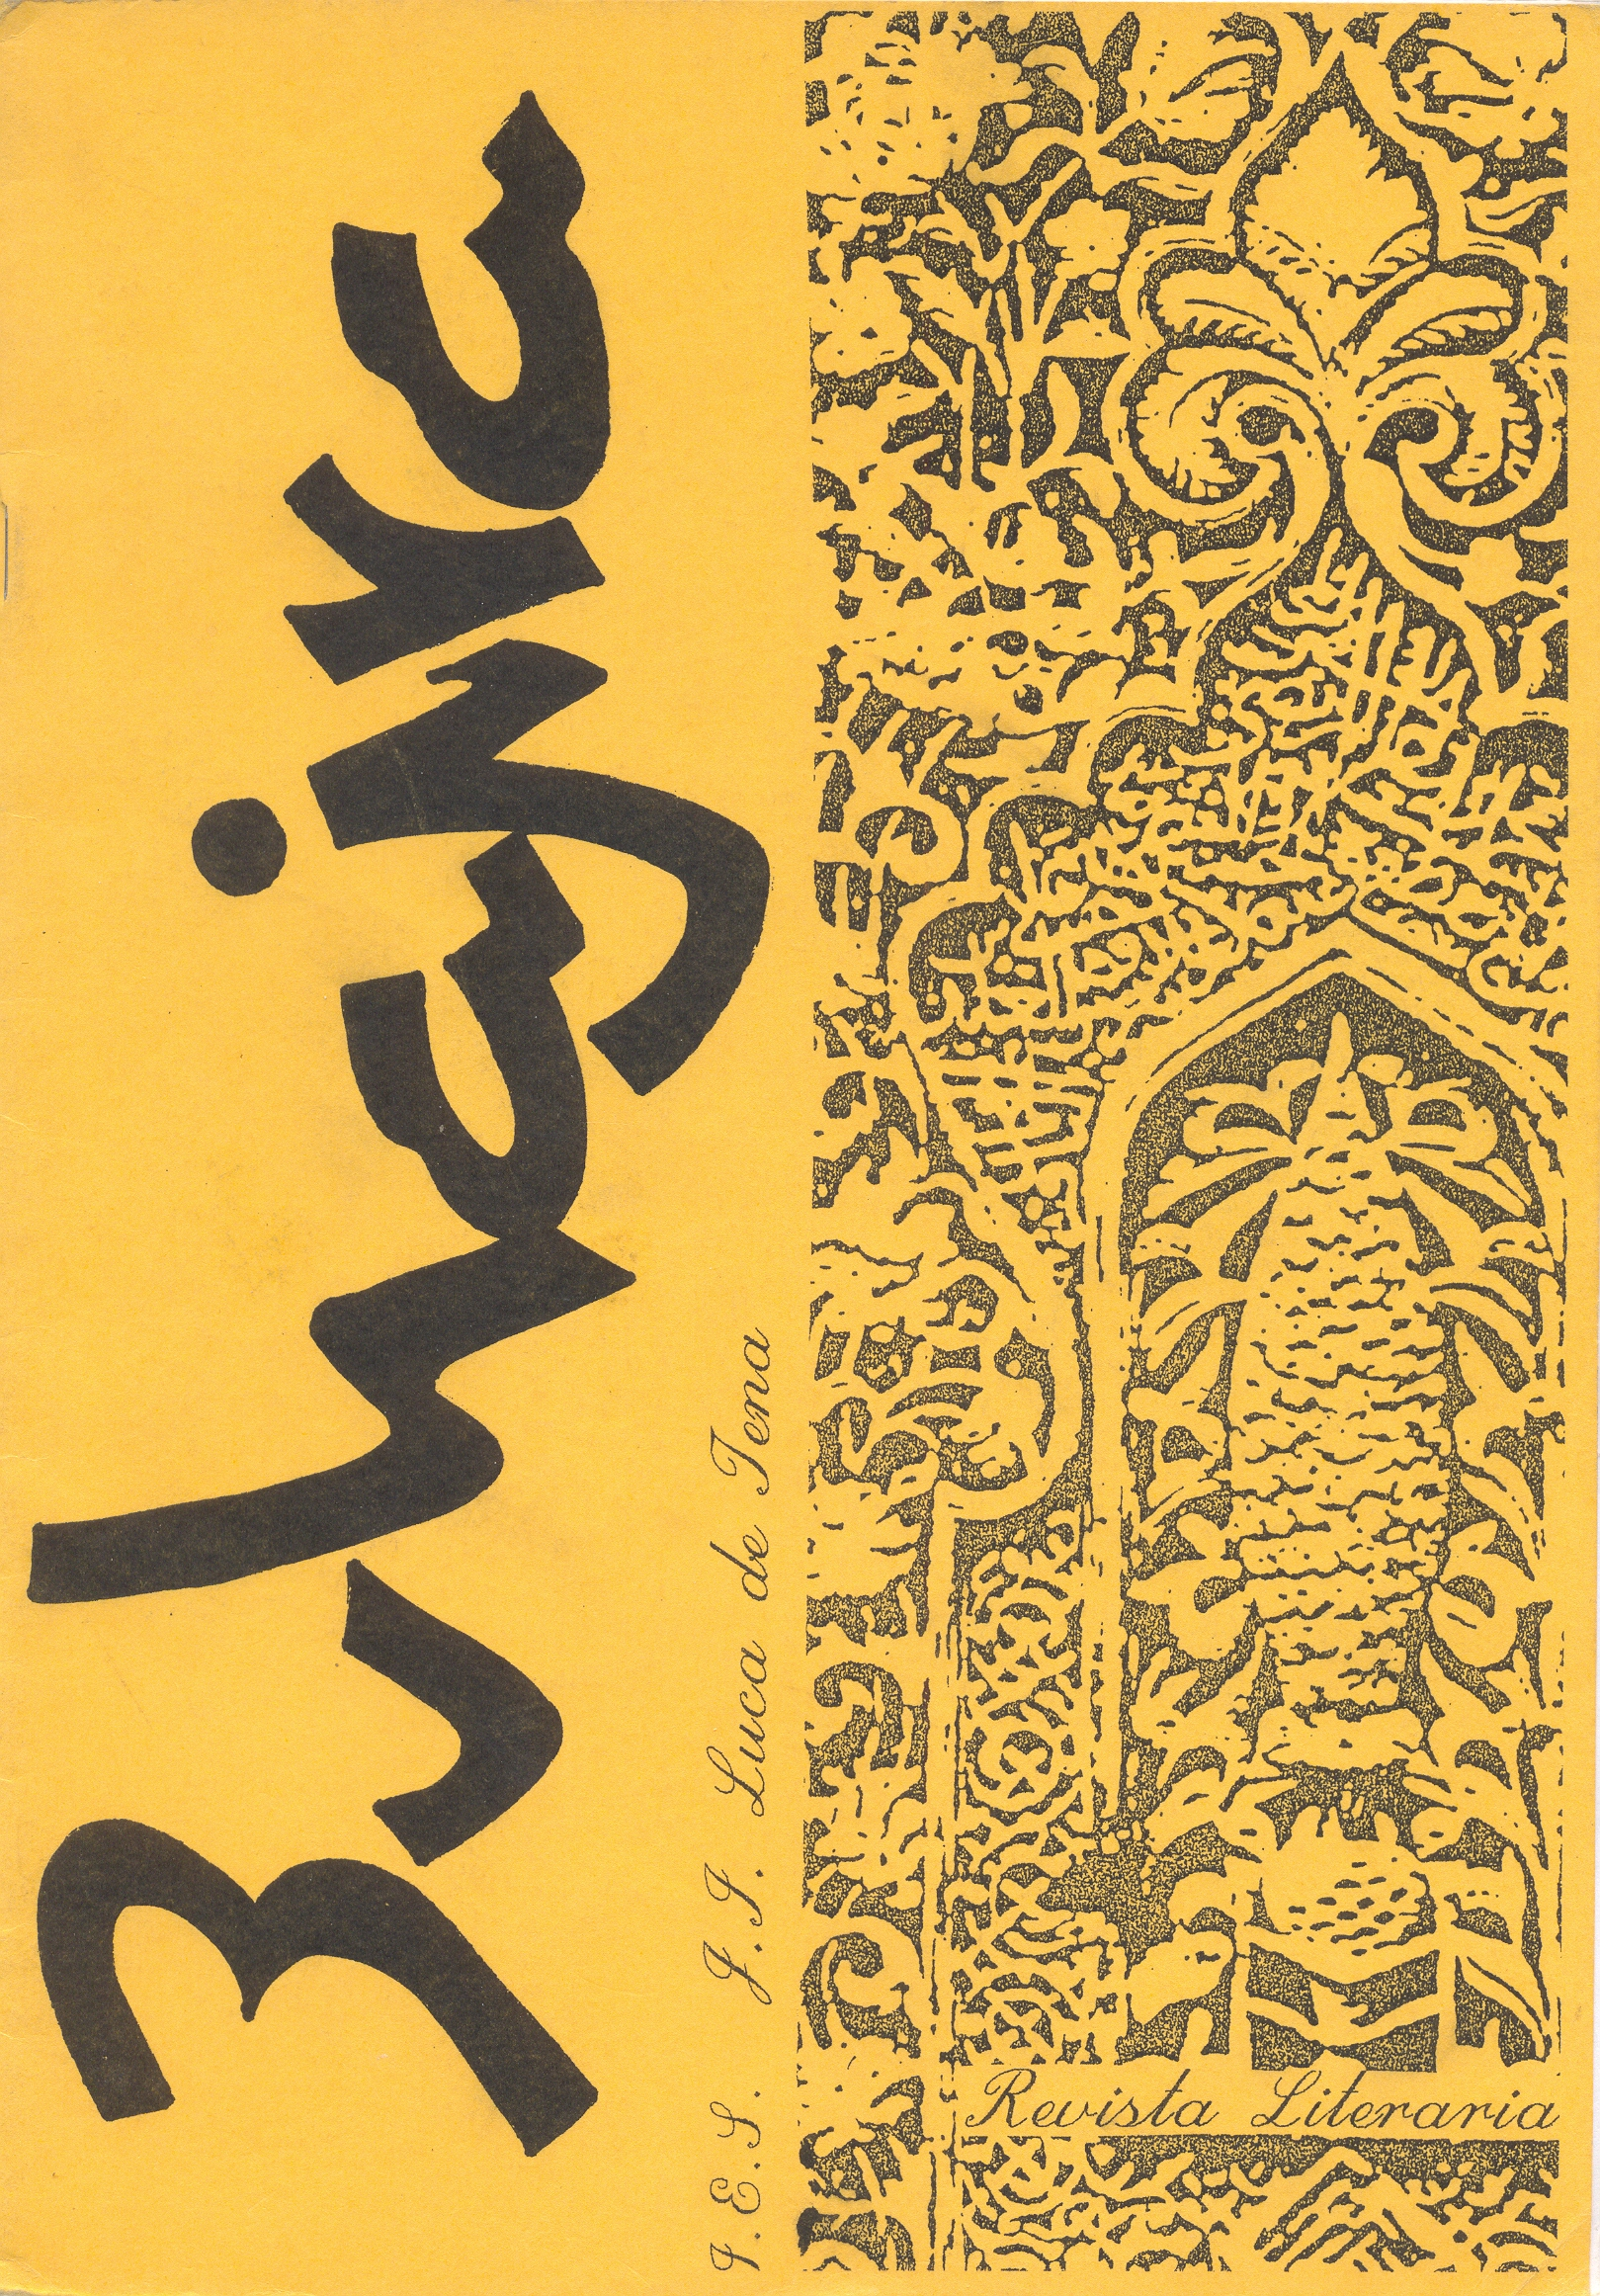 Revista literaria y cultural Buhaira